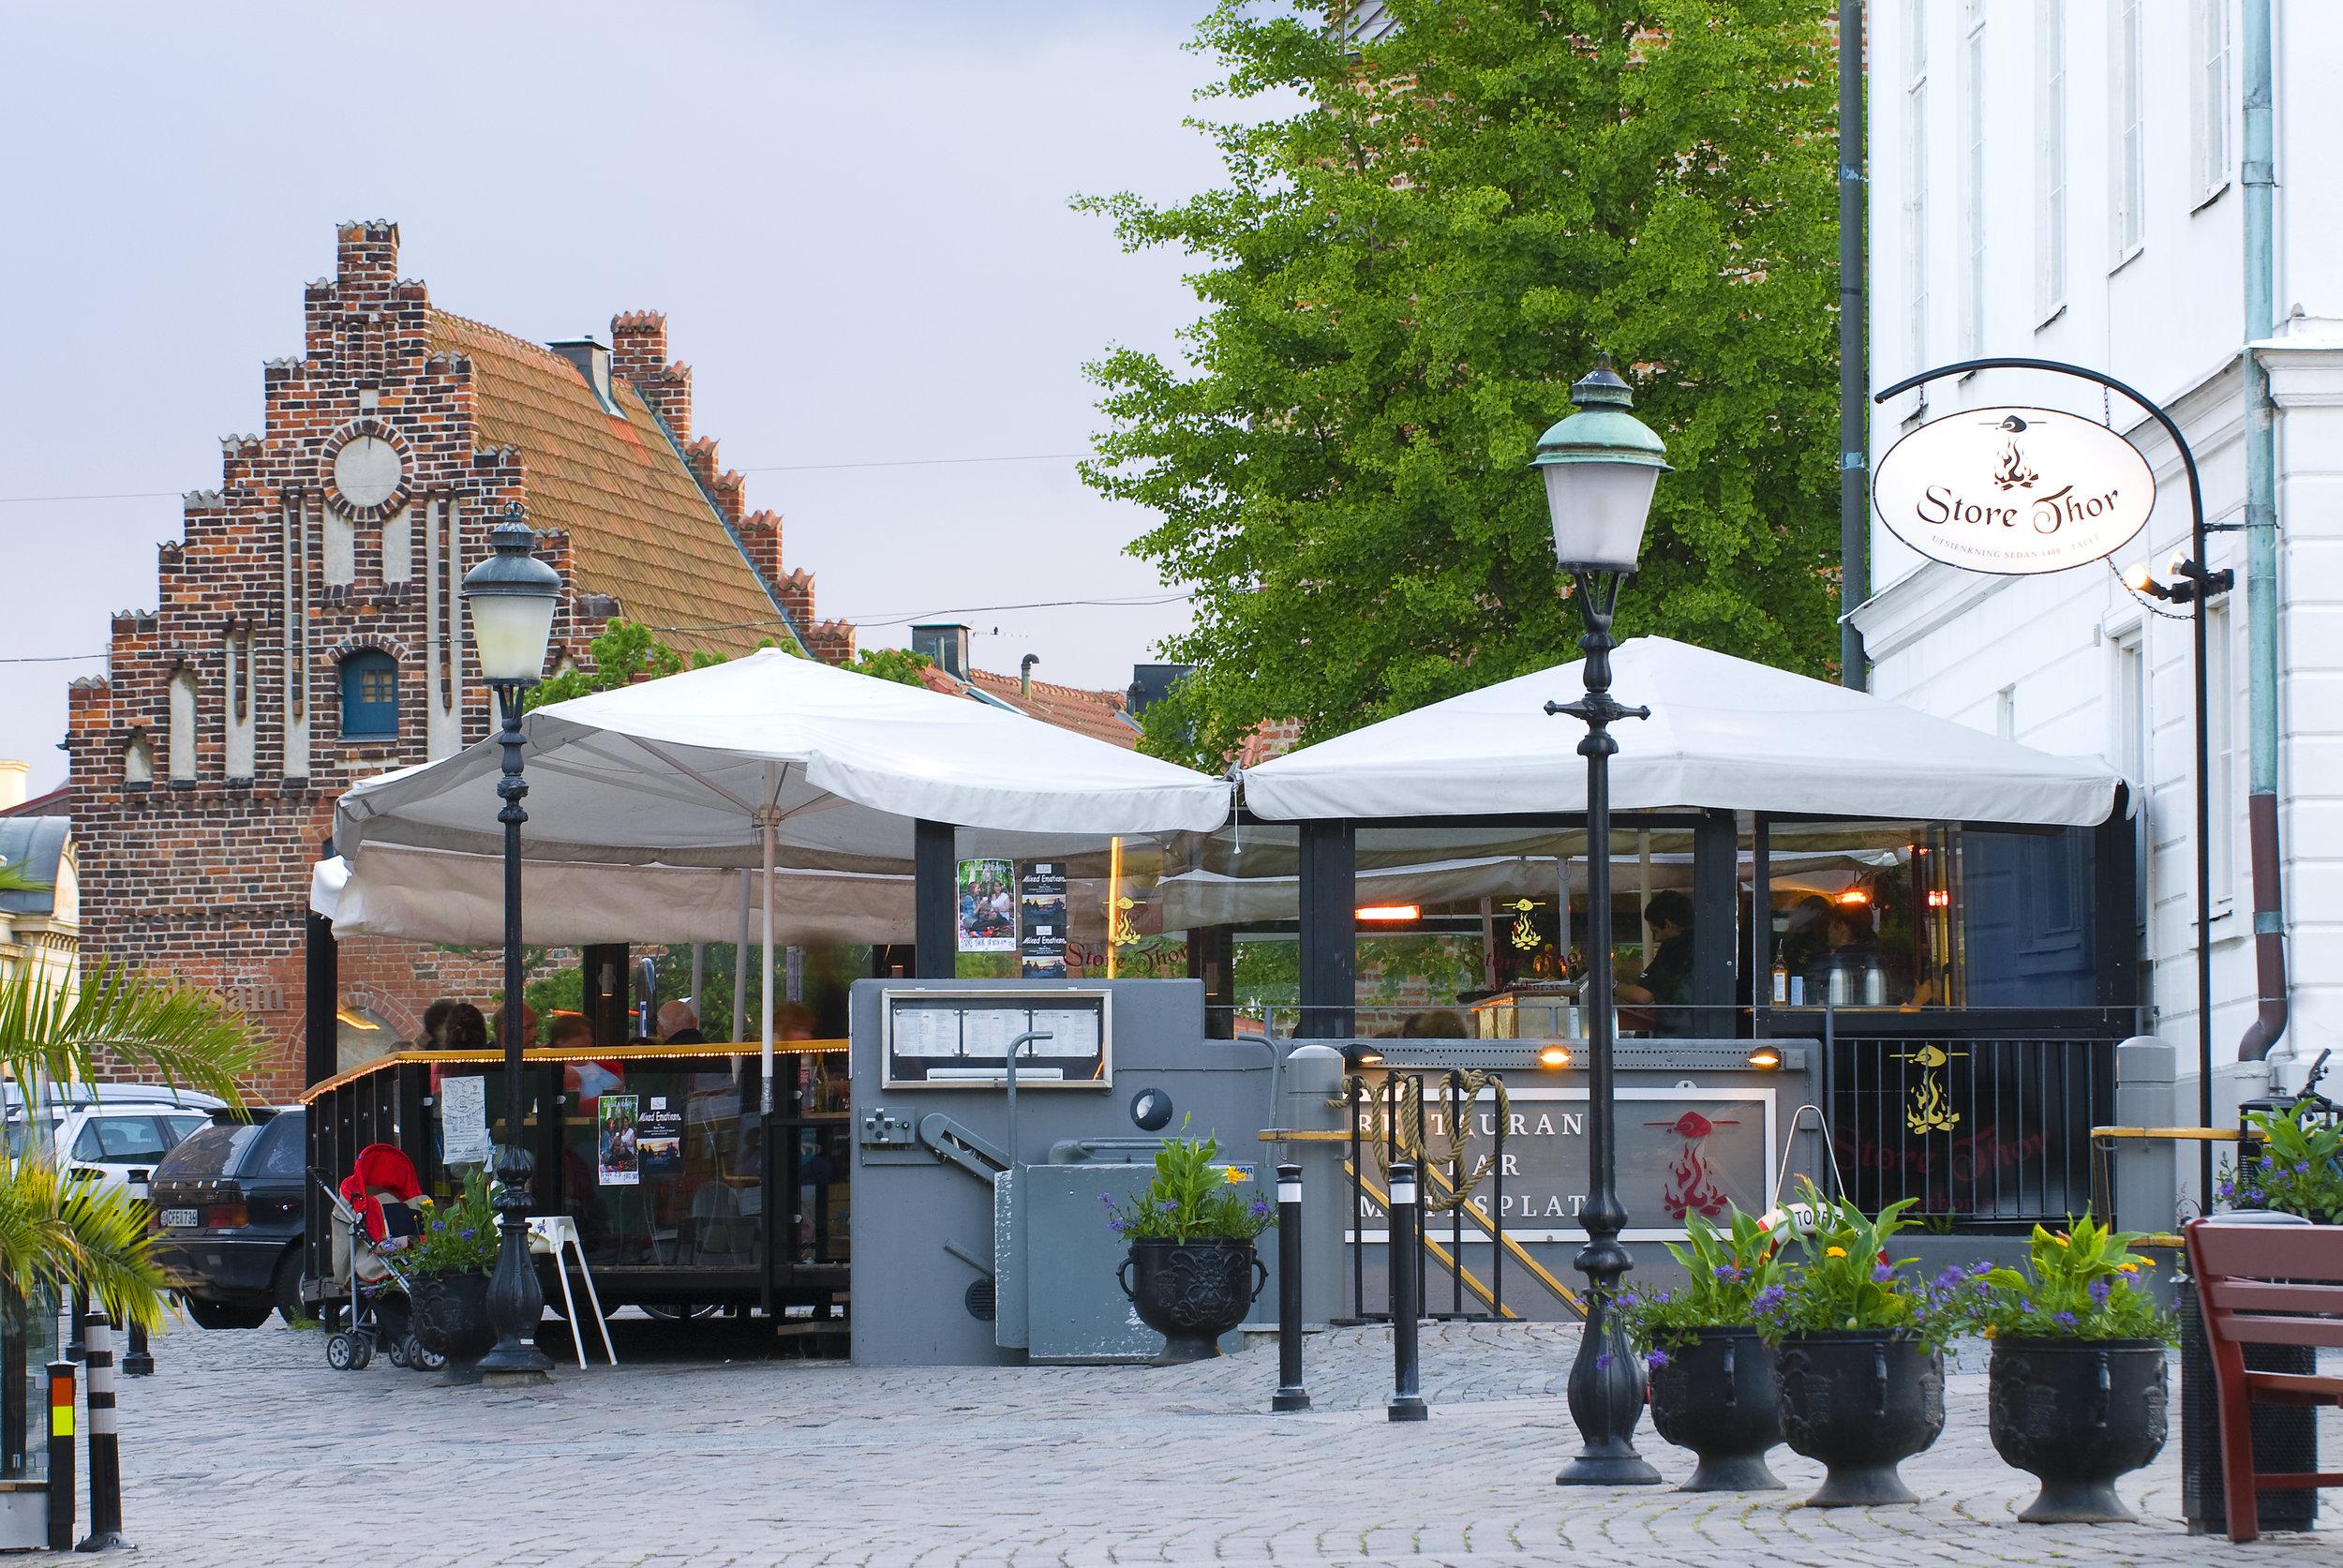 ERBJUDANDE - Våra gäster erbjuds 15% rabatt på restaurang Store Thor i centrala Ystad. (Gäller endast vid förbokning) Kontakta Store Thor på 0411-185 10.